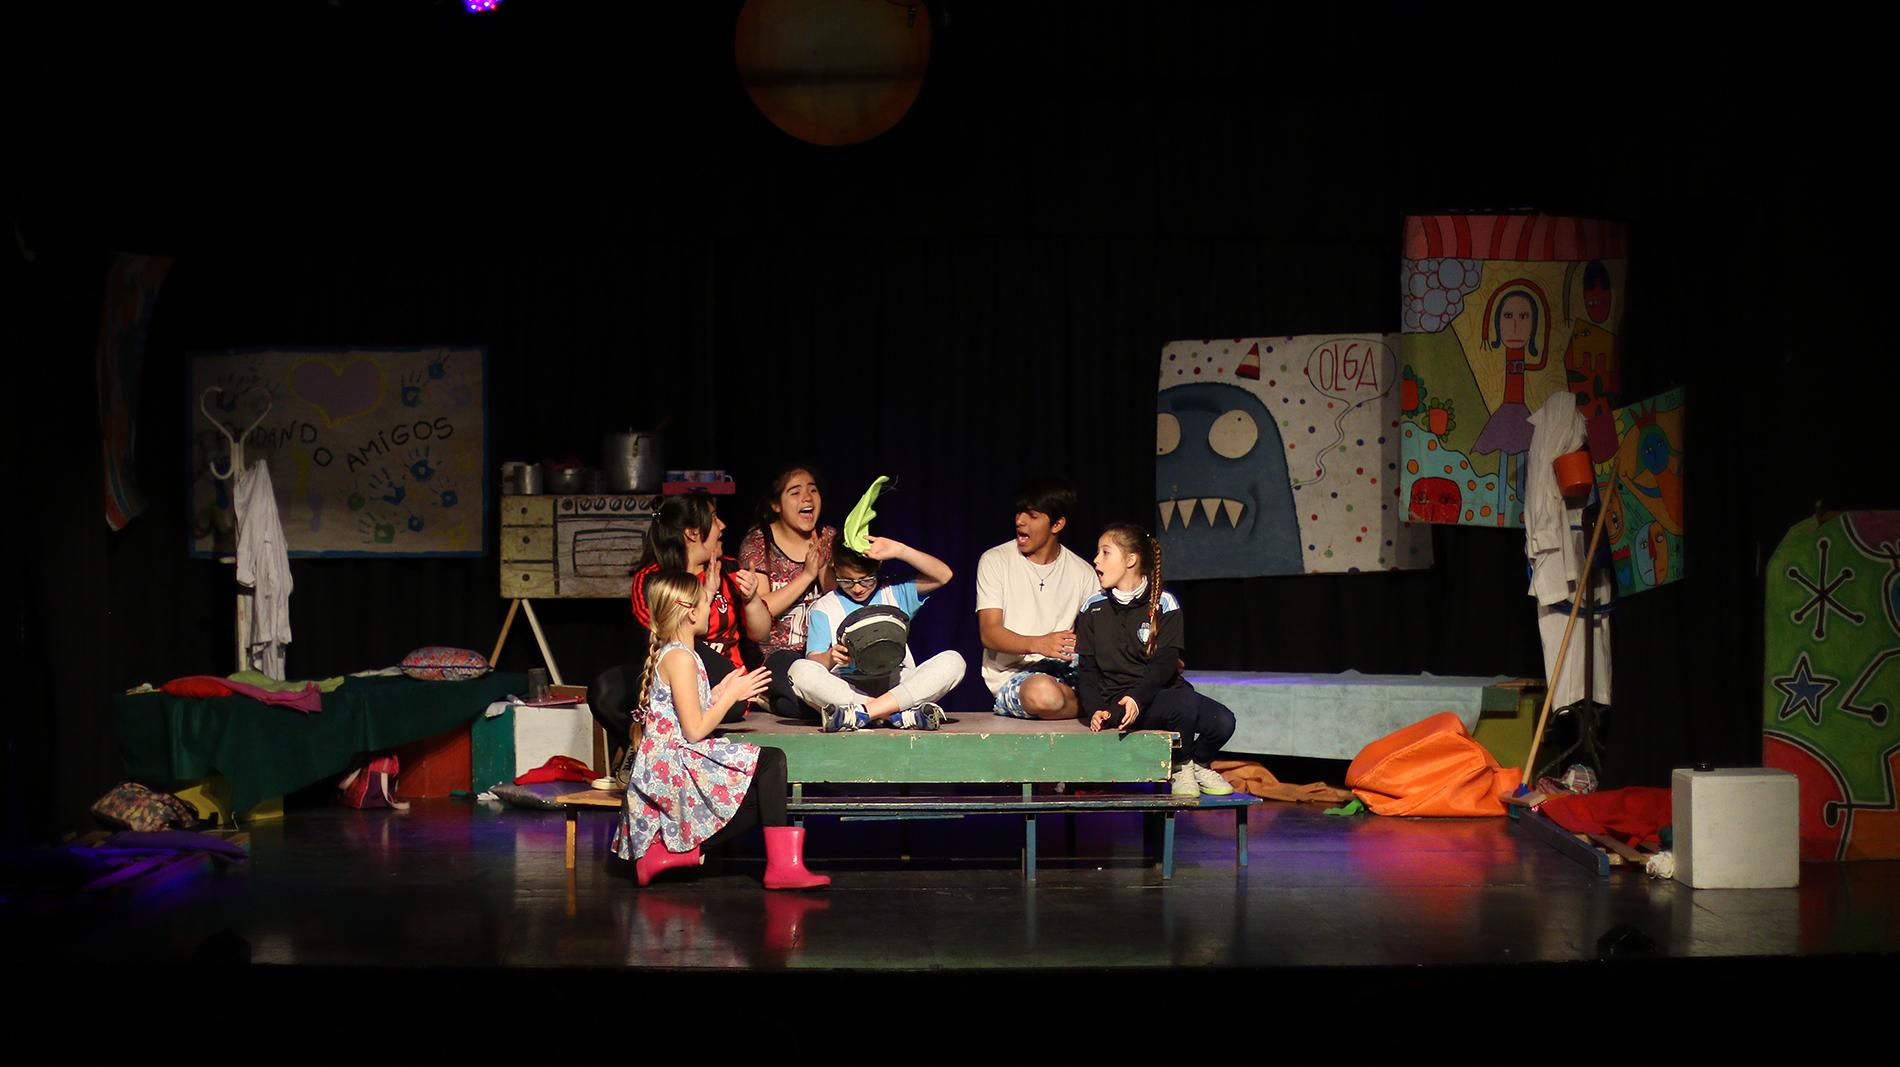 En el marco del Día del Niño, Escuelas Primarias y Jardines de Infantes de Pergamino visitaron el Teatro Unión para disfrutar gratuitamente de una obra de teatro infantil. La propuesta busca democratizar el acceso a la cultura.